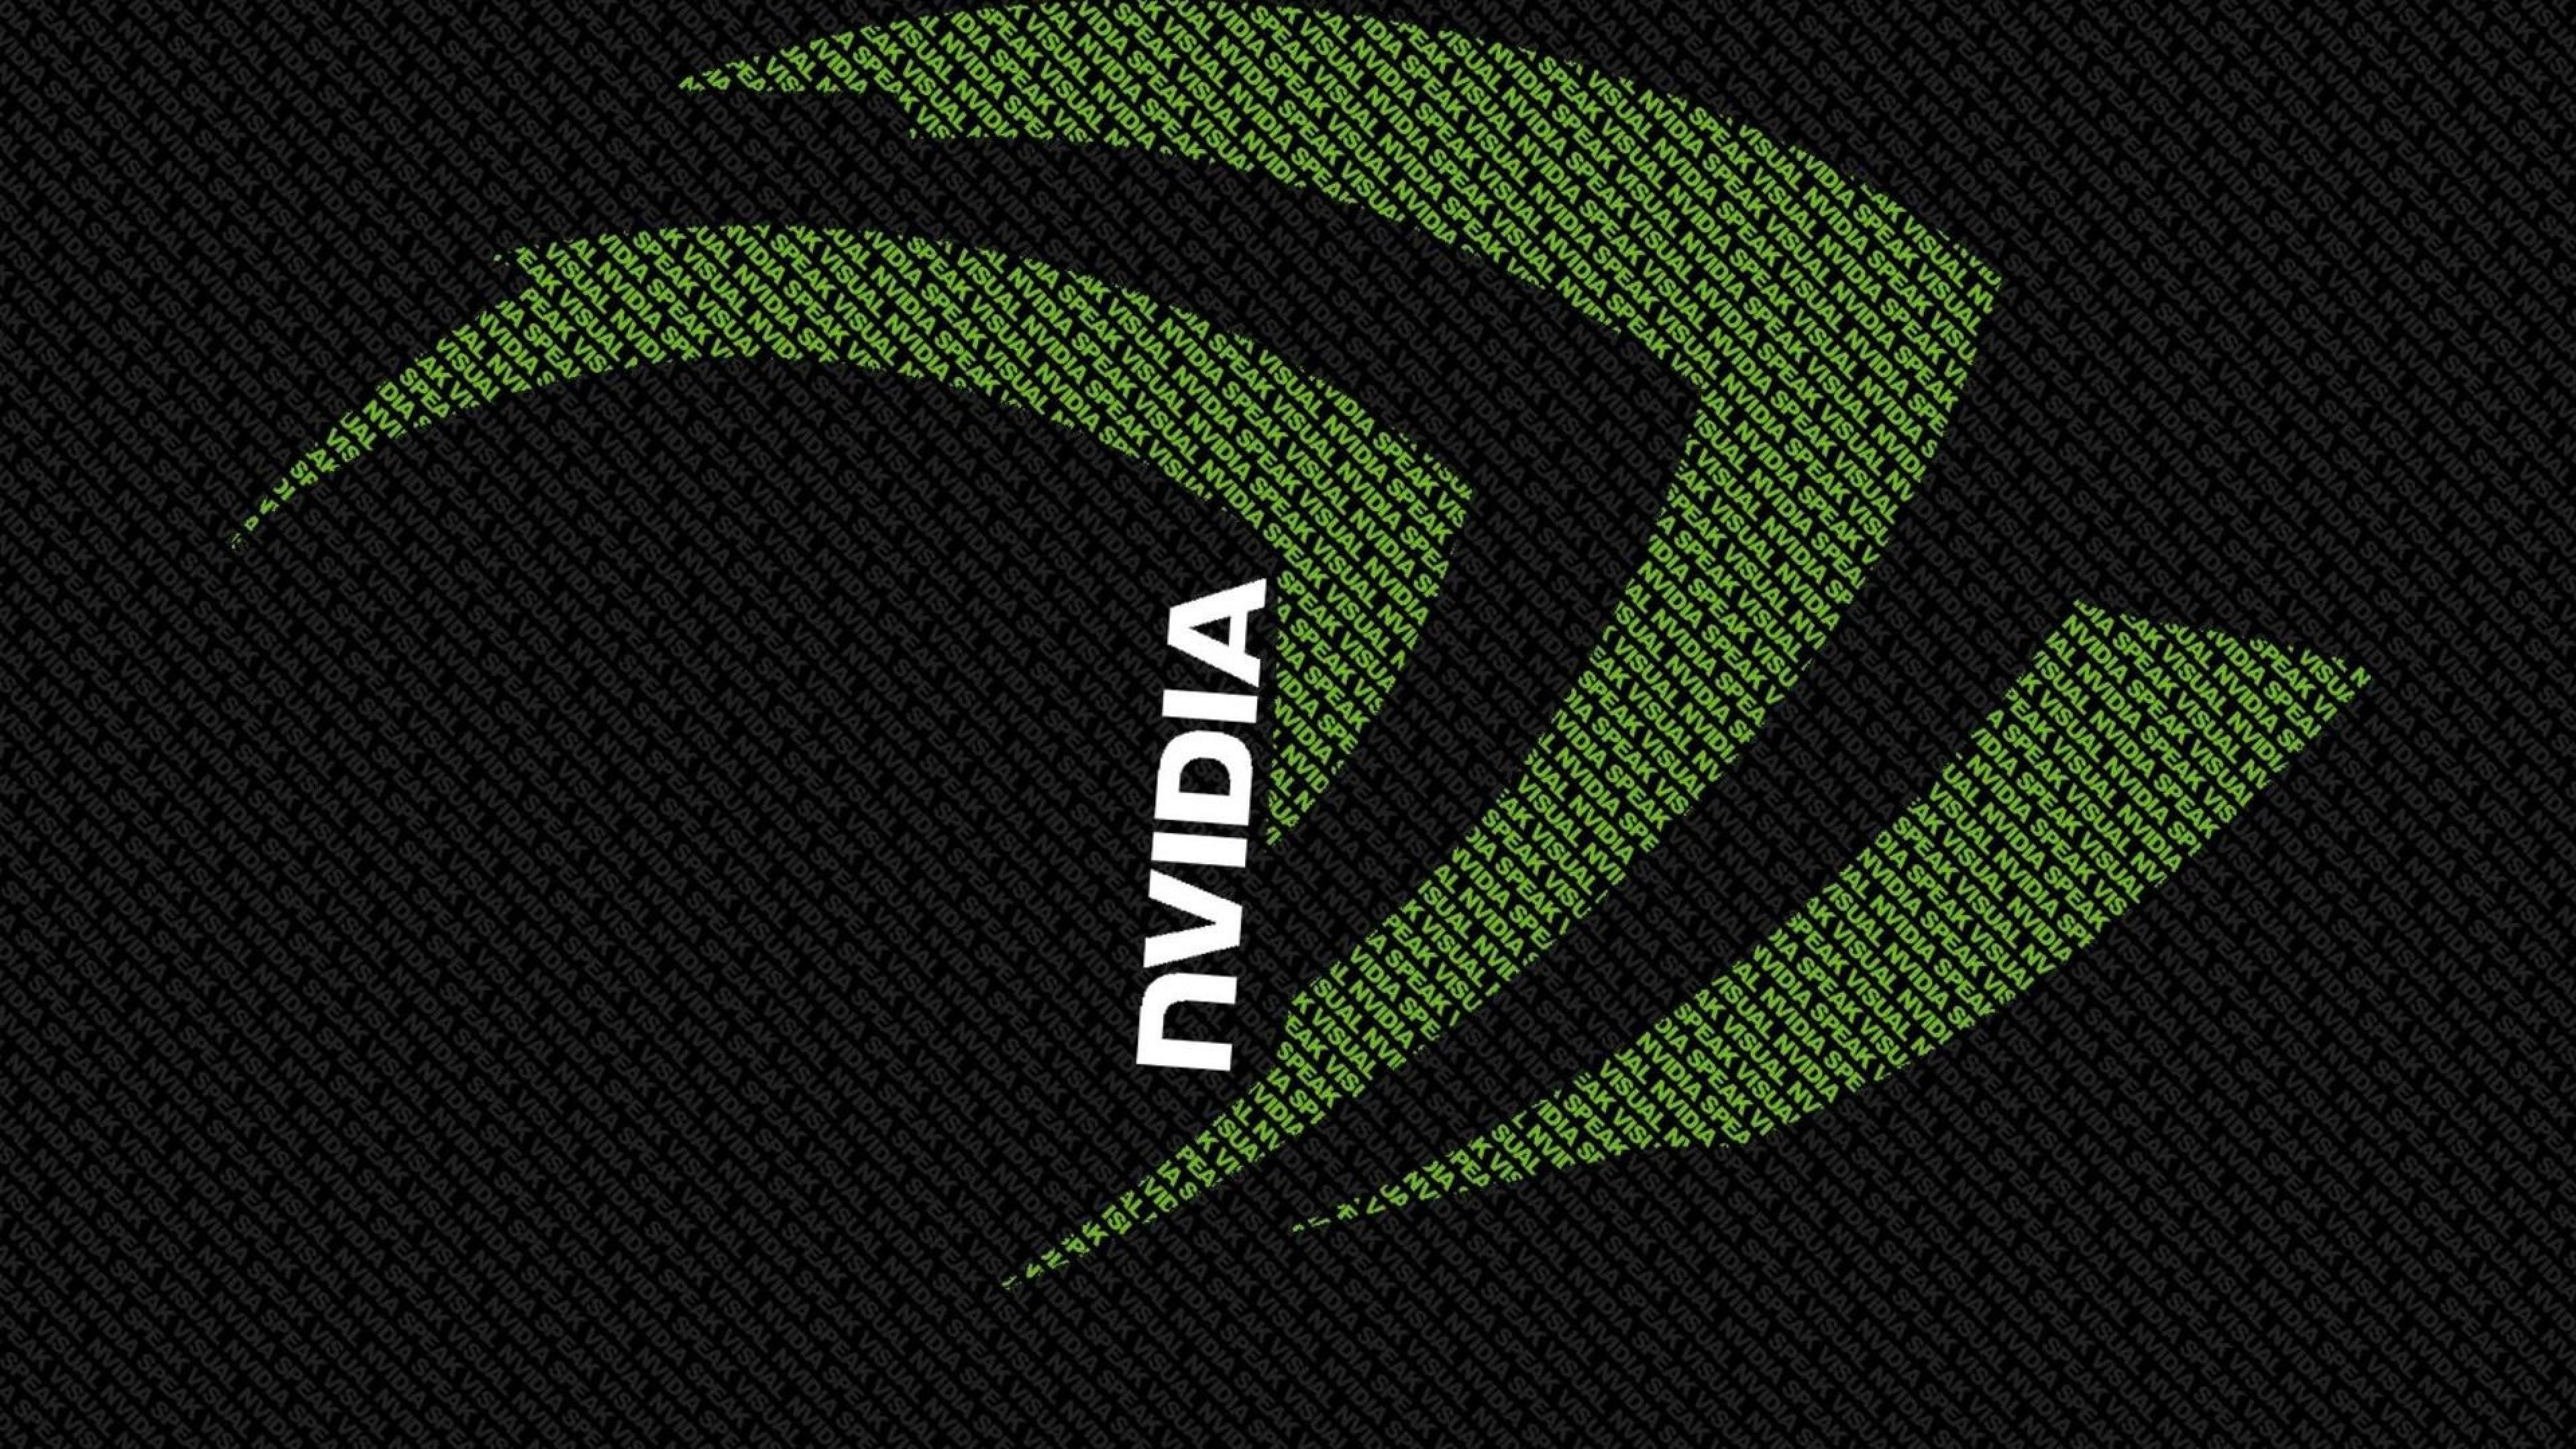 NVIDIA Wallpapers 4K - WallpaperSafari